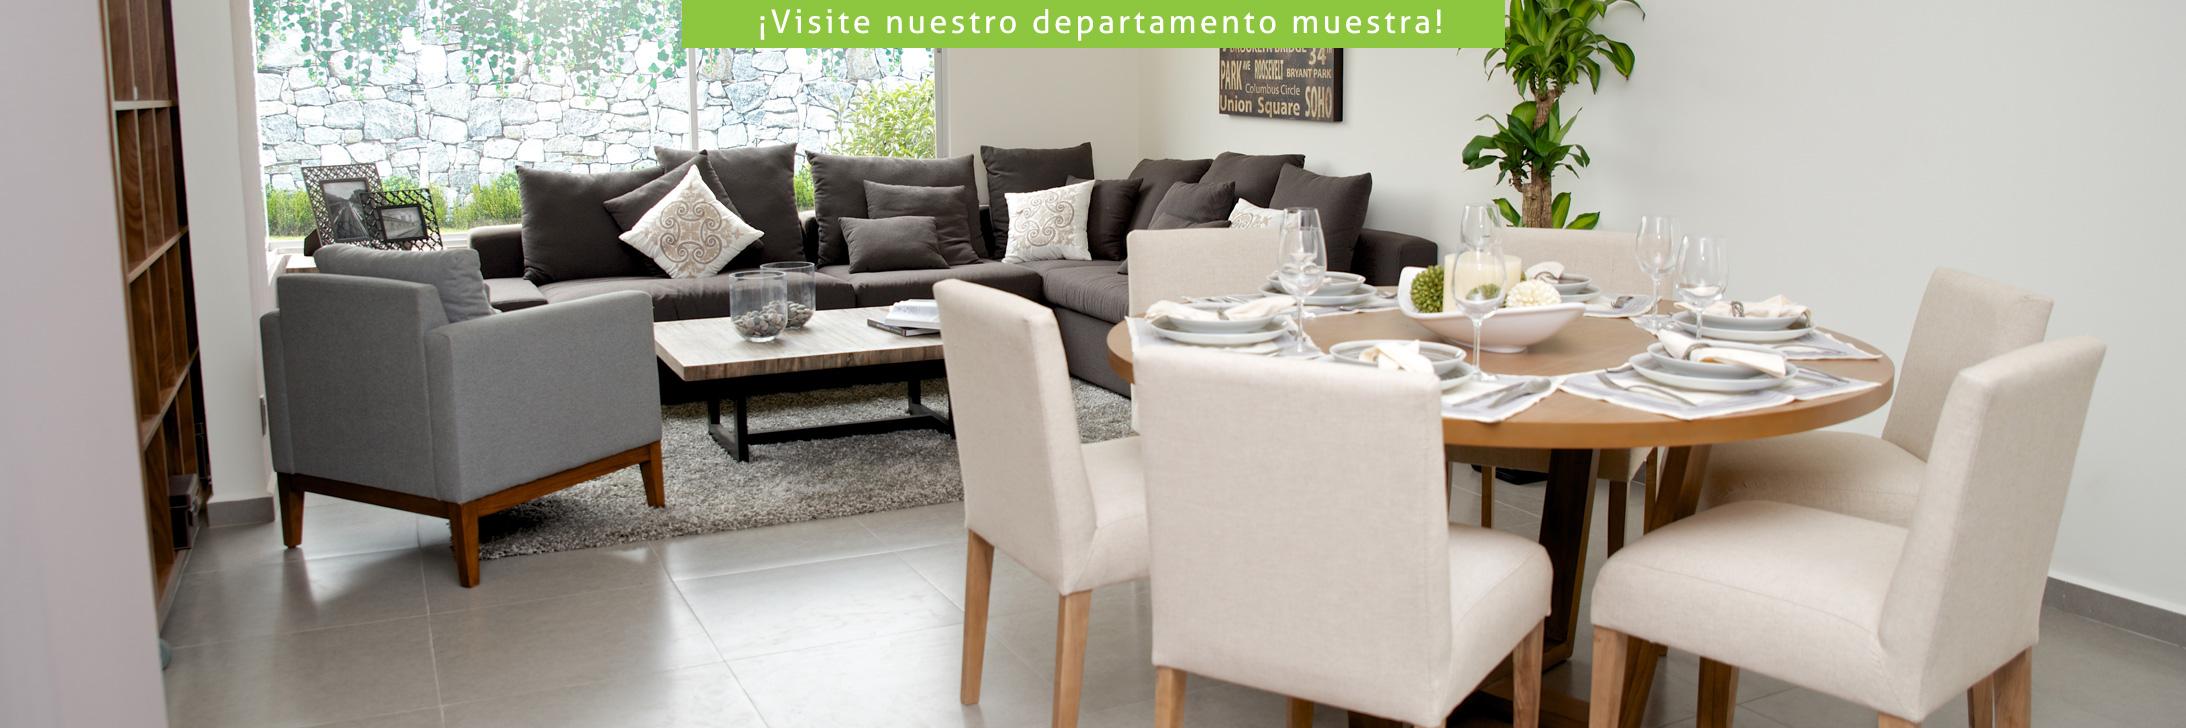 Departamentos ventanascoyoacan for Modelos mini departamentos interiores